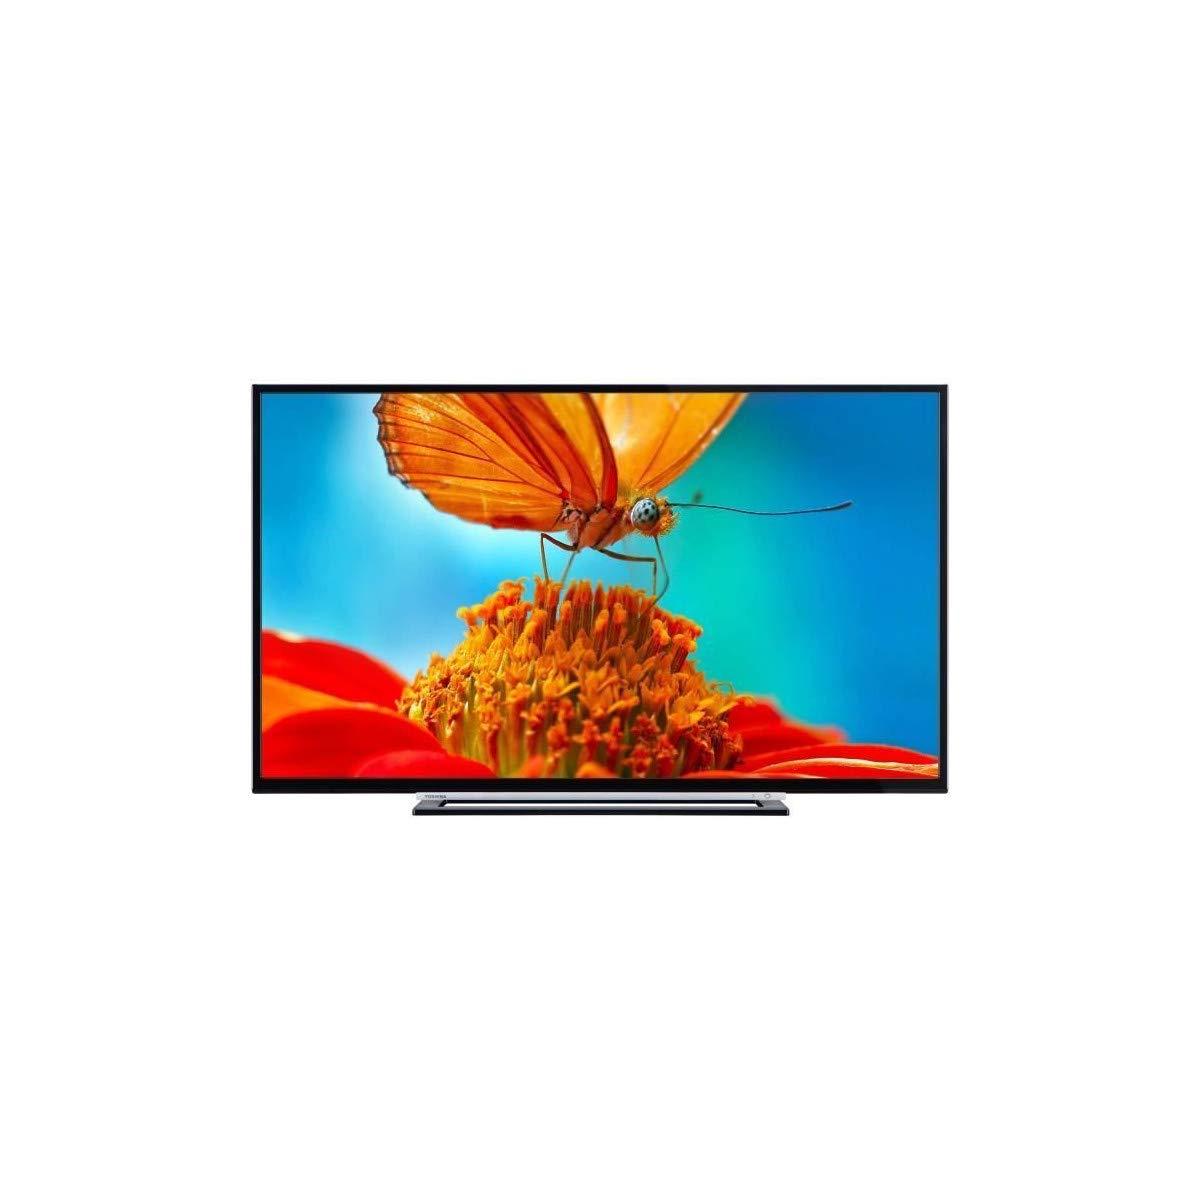 Toshiba TV Led 55